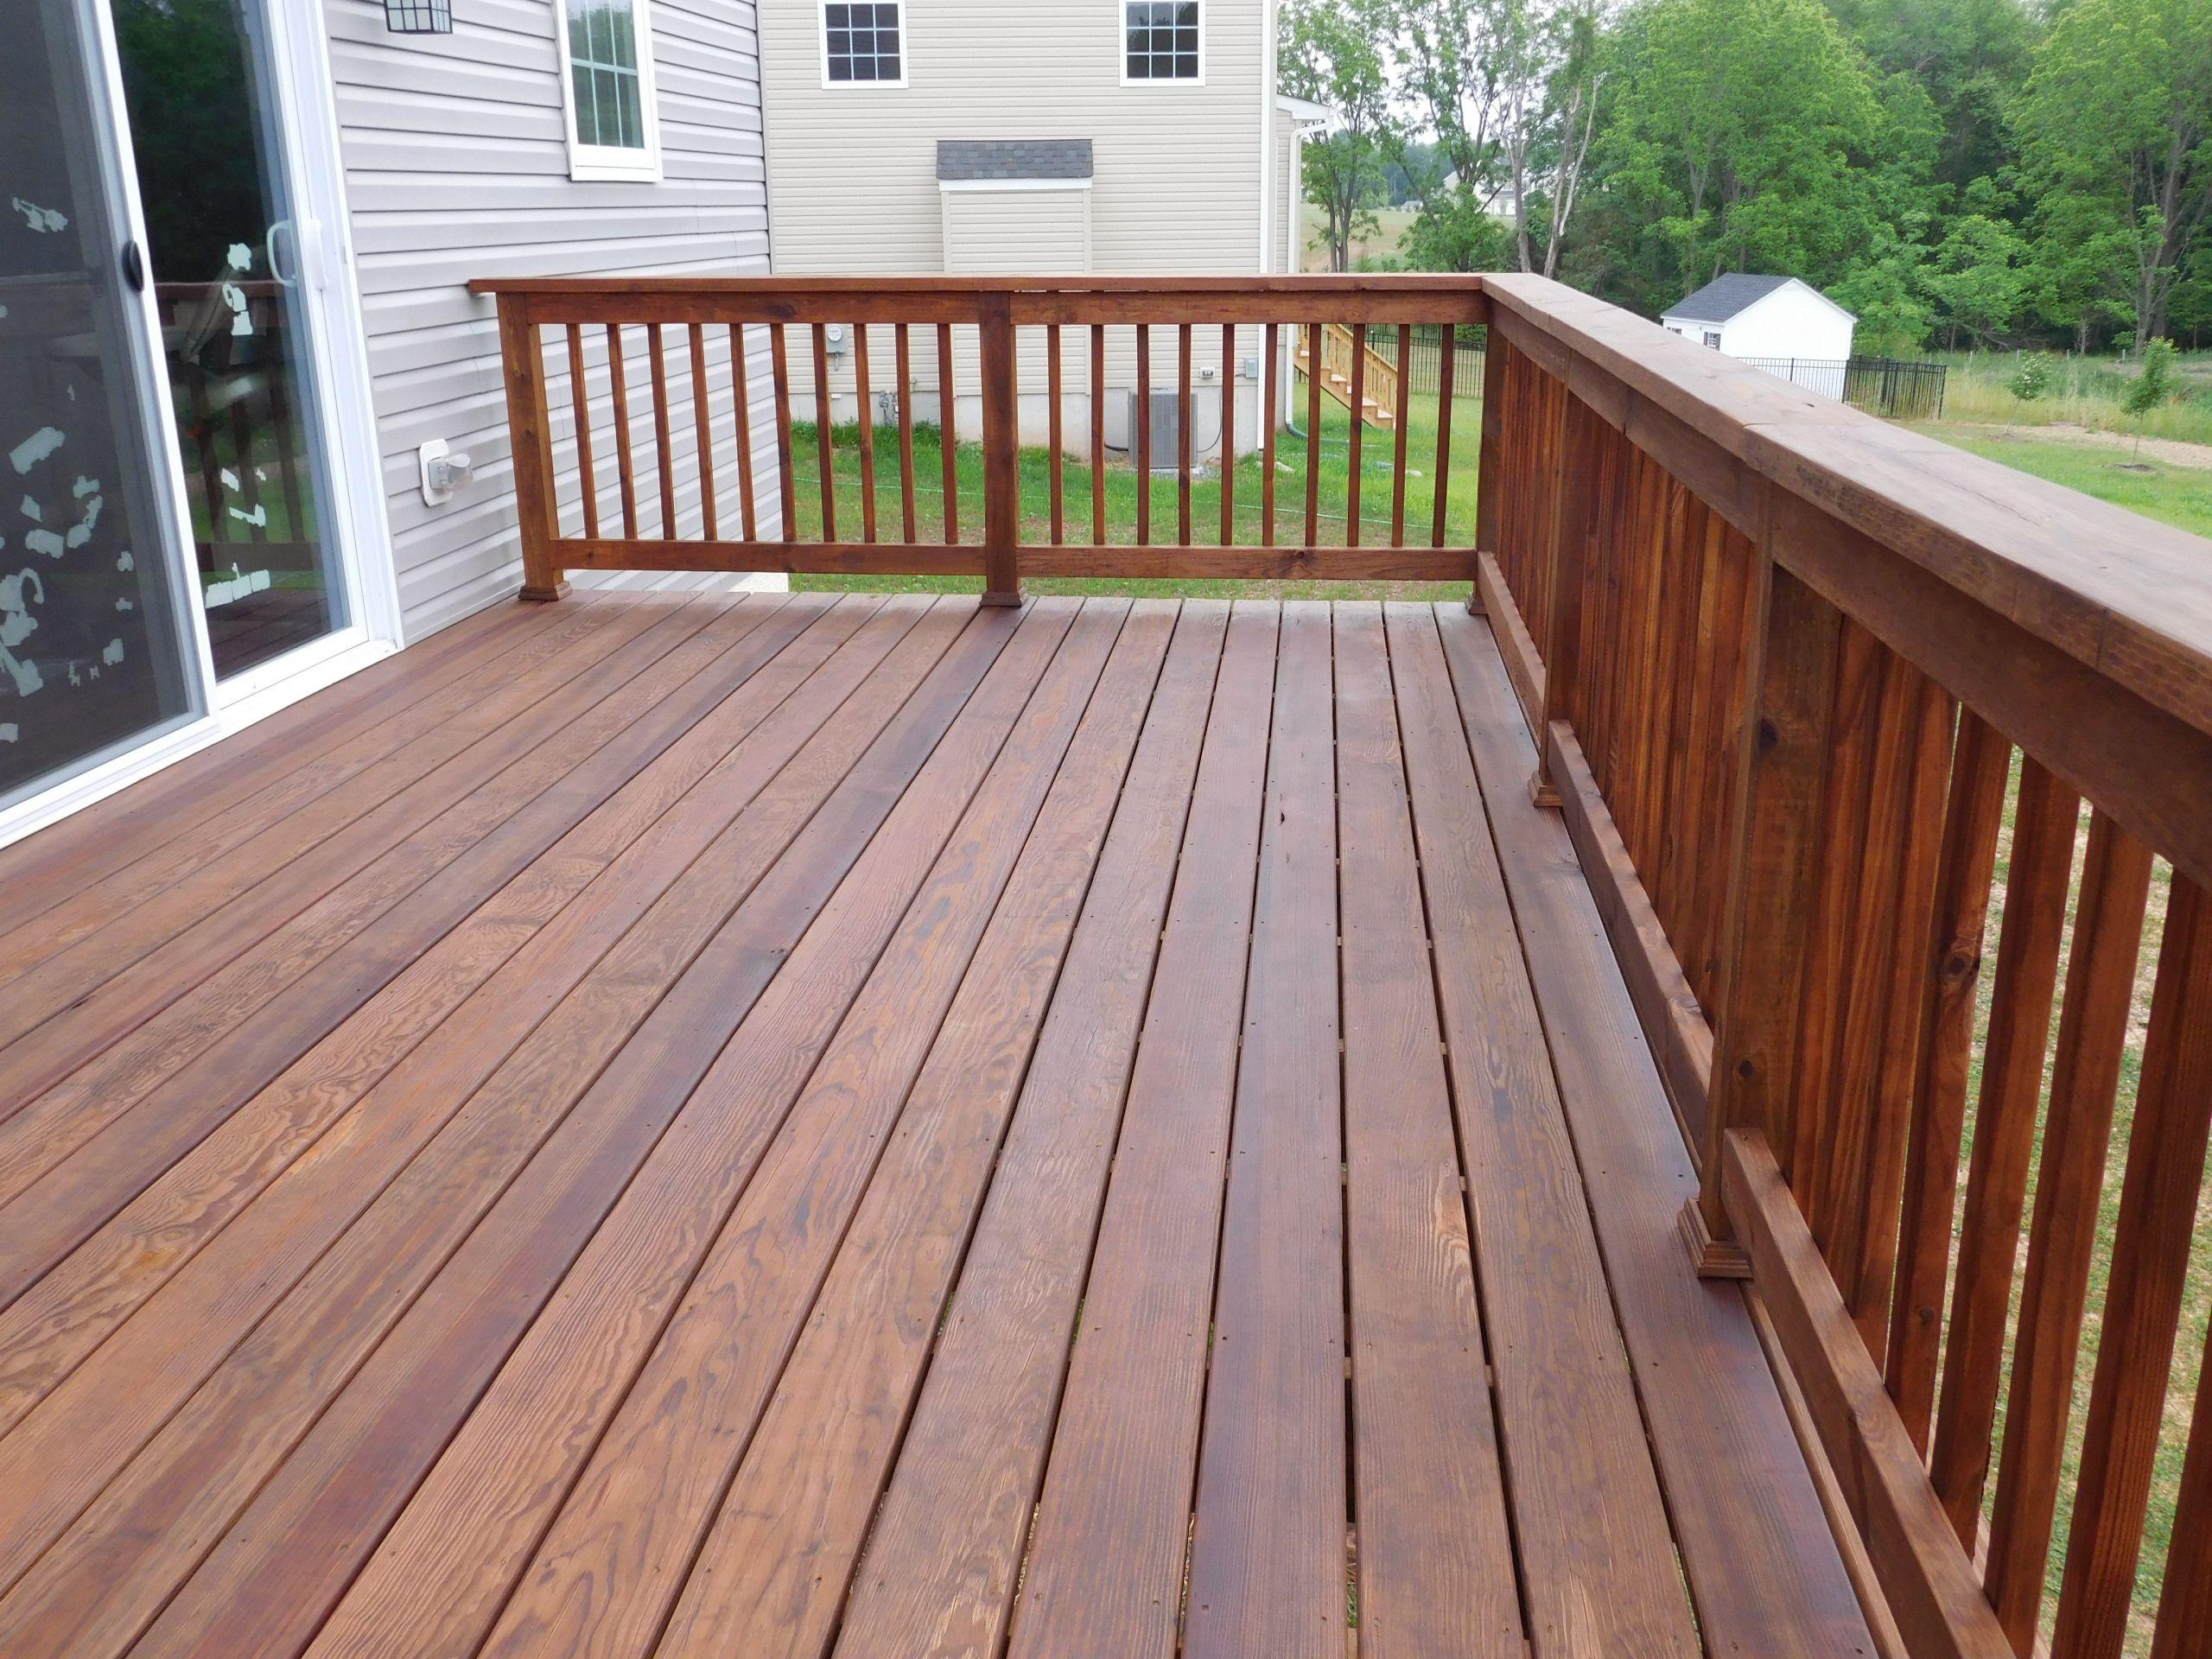 Deck Staining Painting  Douglas Fir Decking Oil • Decks Ideas